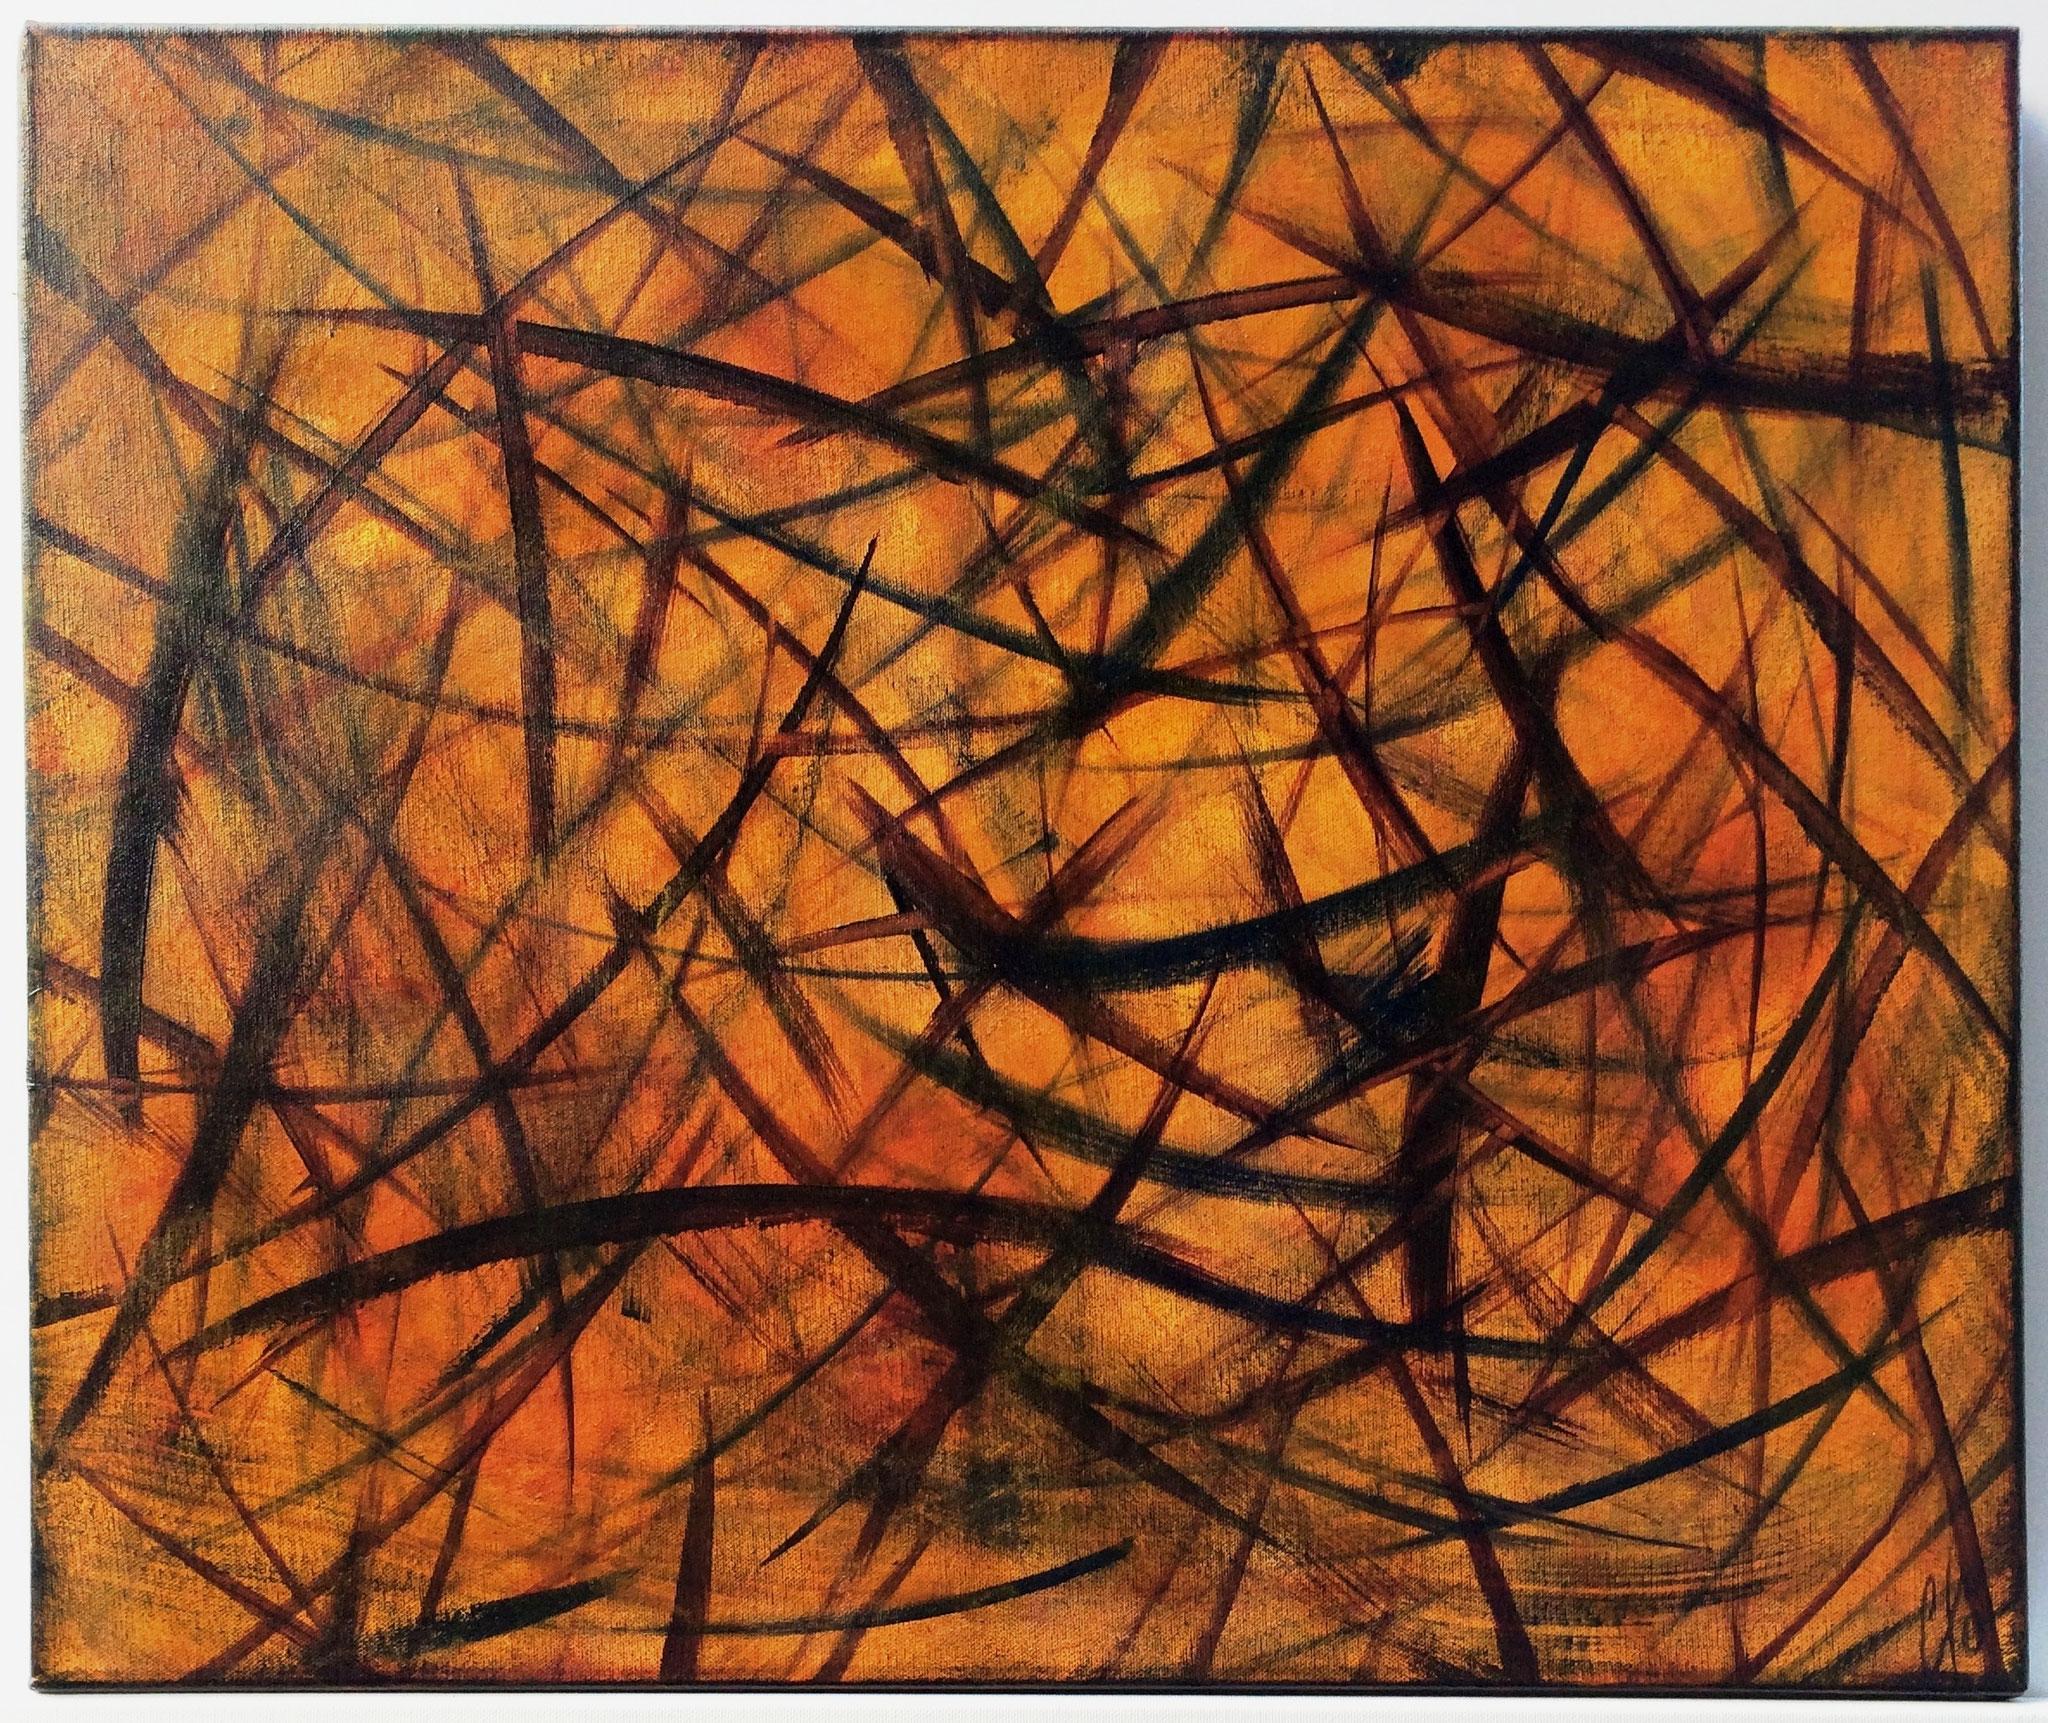 Le mystère - 50 x 60 cm